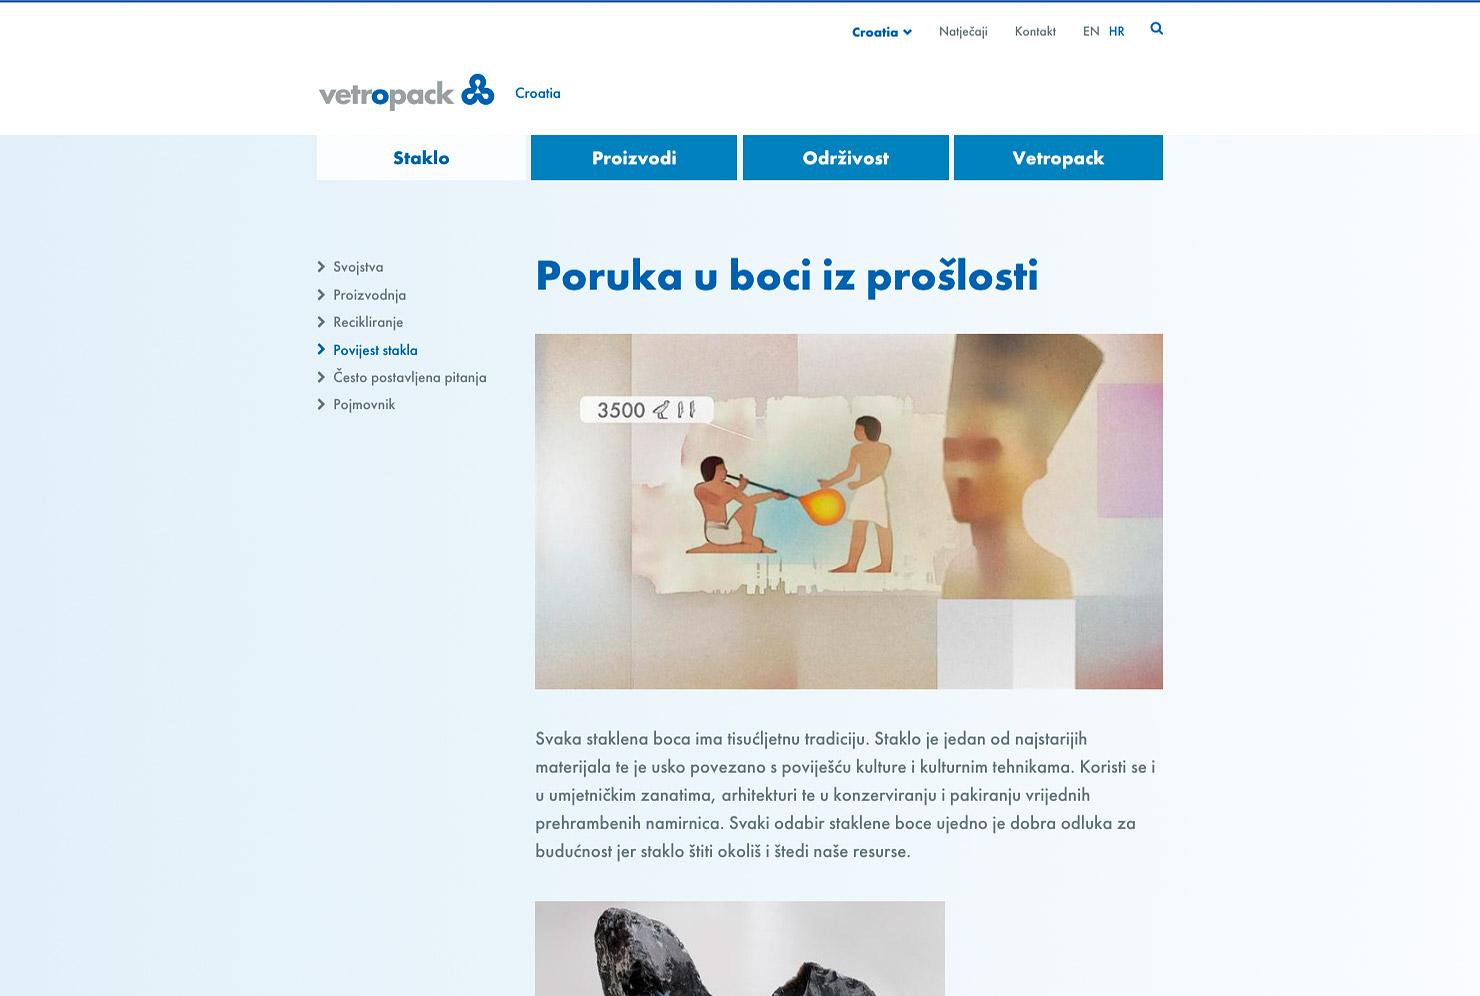 Detailseite Webseite Vetropack Unternehmen slide 4